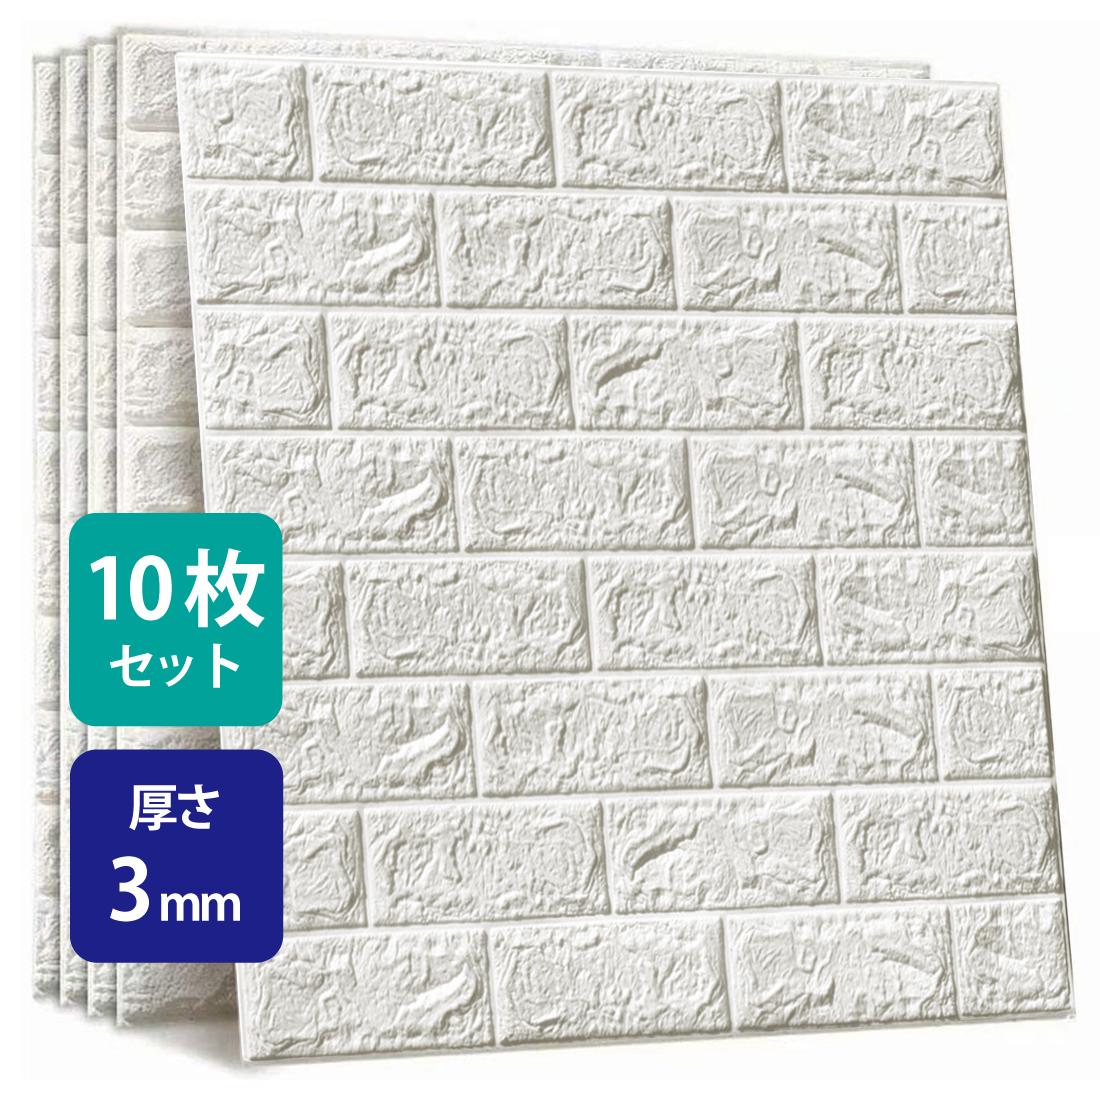 直営限定アウトレット 10枚セット 3D 壁紙 レンガ調 DIYクッション シール シート 立体 壁用 レンガ 壁材 タイル ブリック 大放出セール リアル風 70×77cm 薄めタイプ 貼るだけ